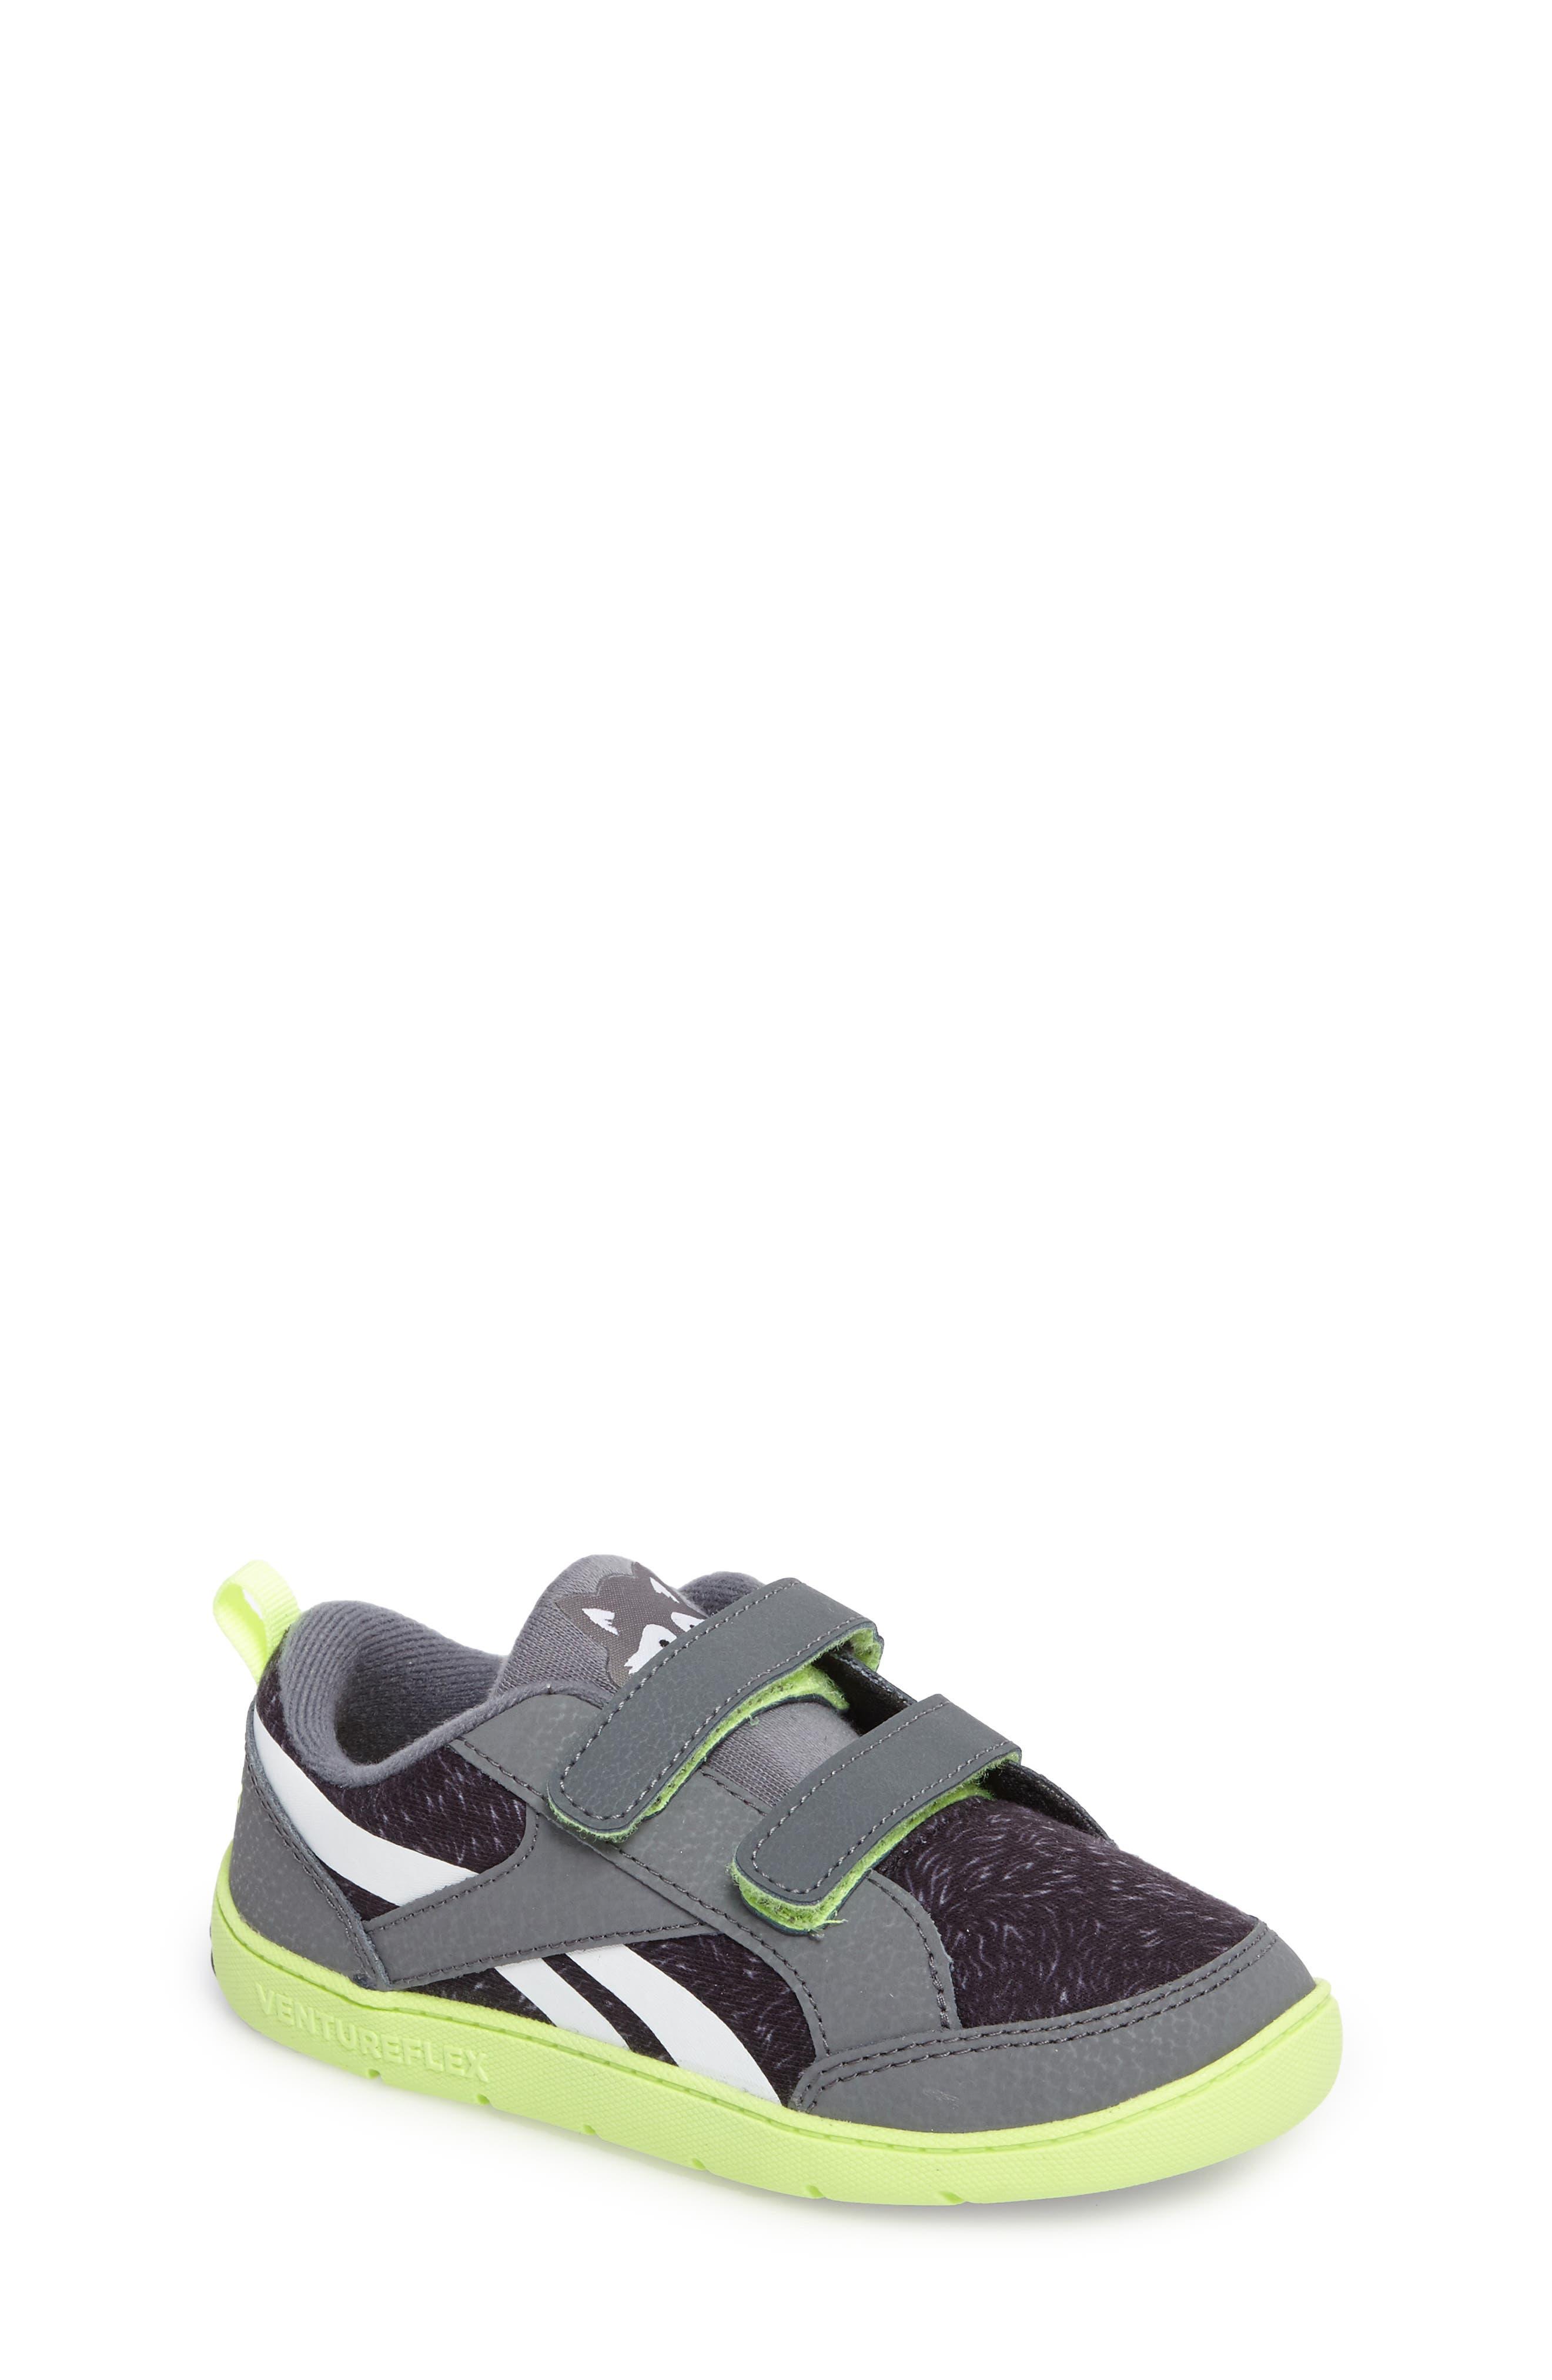 Main Image - Reebok Ventureflex Critter Feet Sneaker (Baby, Walker & Toddler)